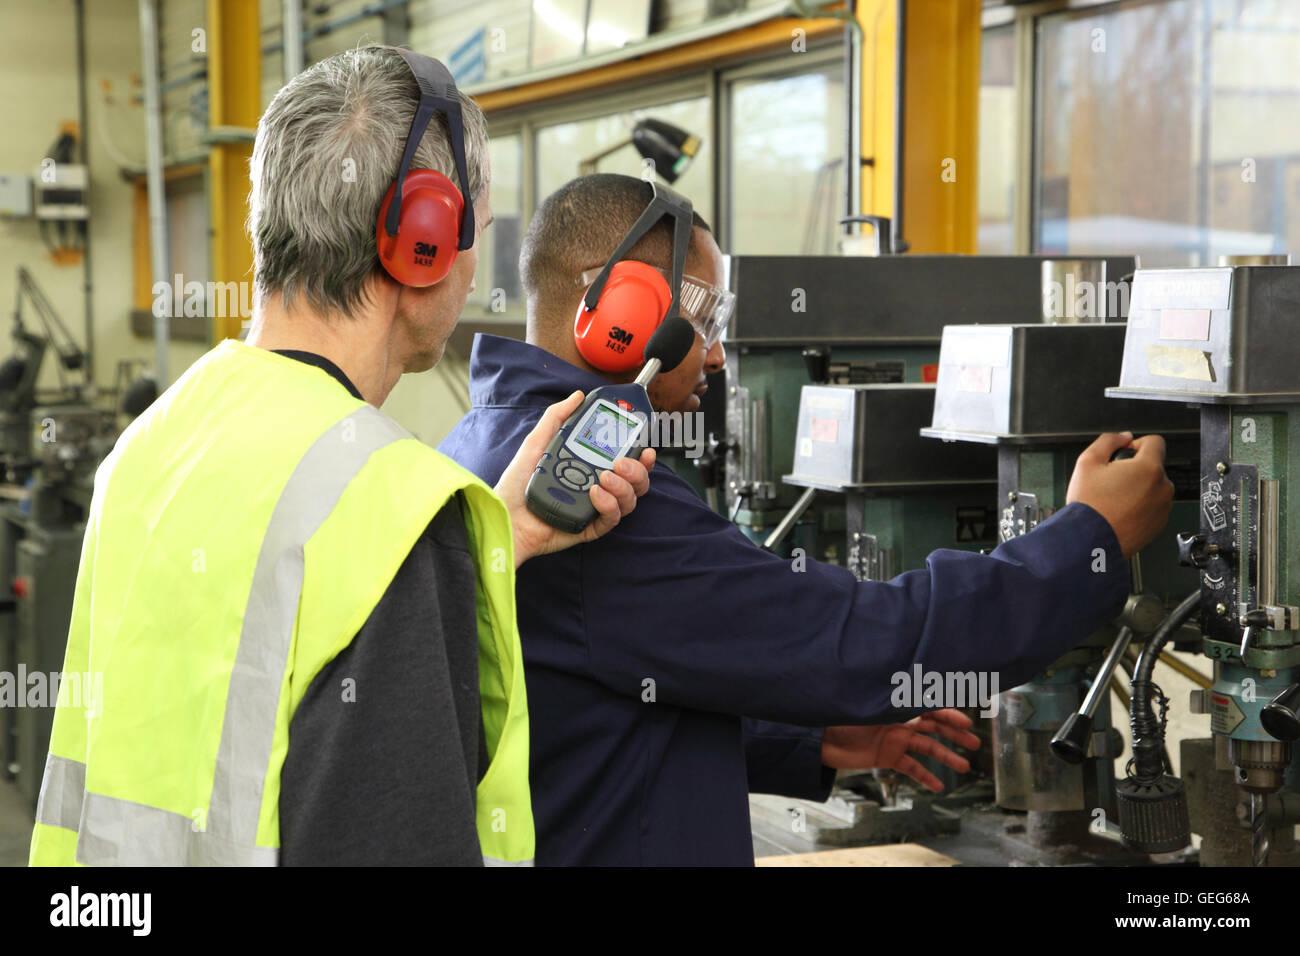 Un ingegnere ambientale controlla i livelli di rumore accanto a una macchina di foratura a uk impianto di fabbricazione Immagini Stock